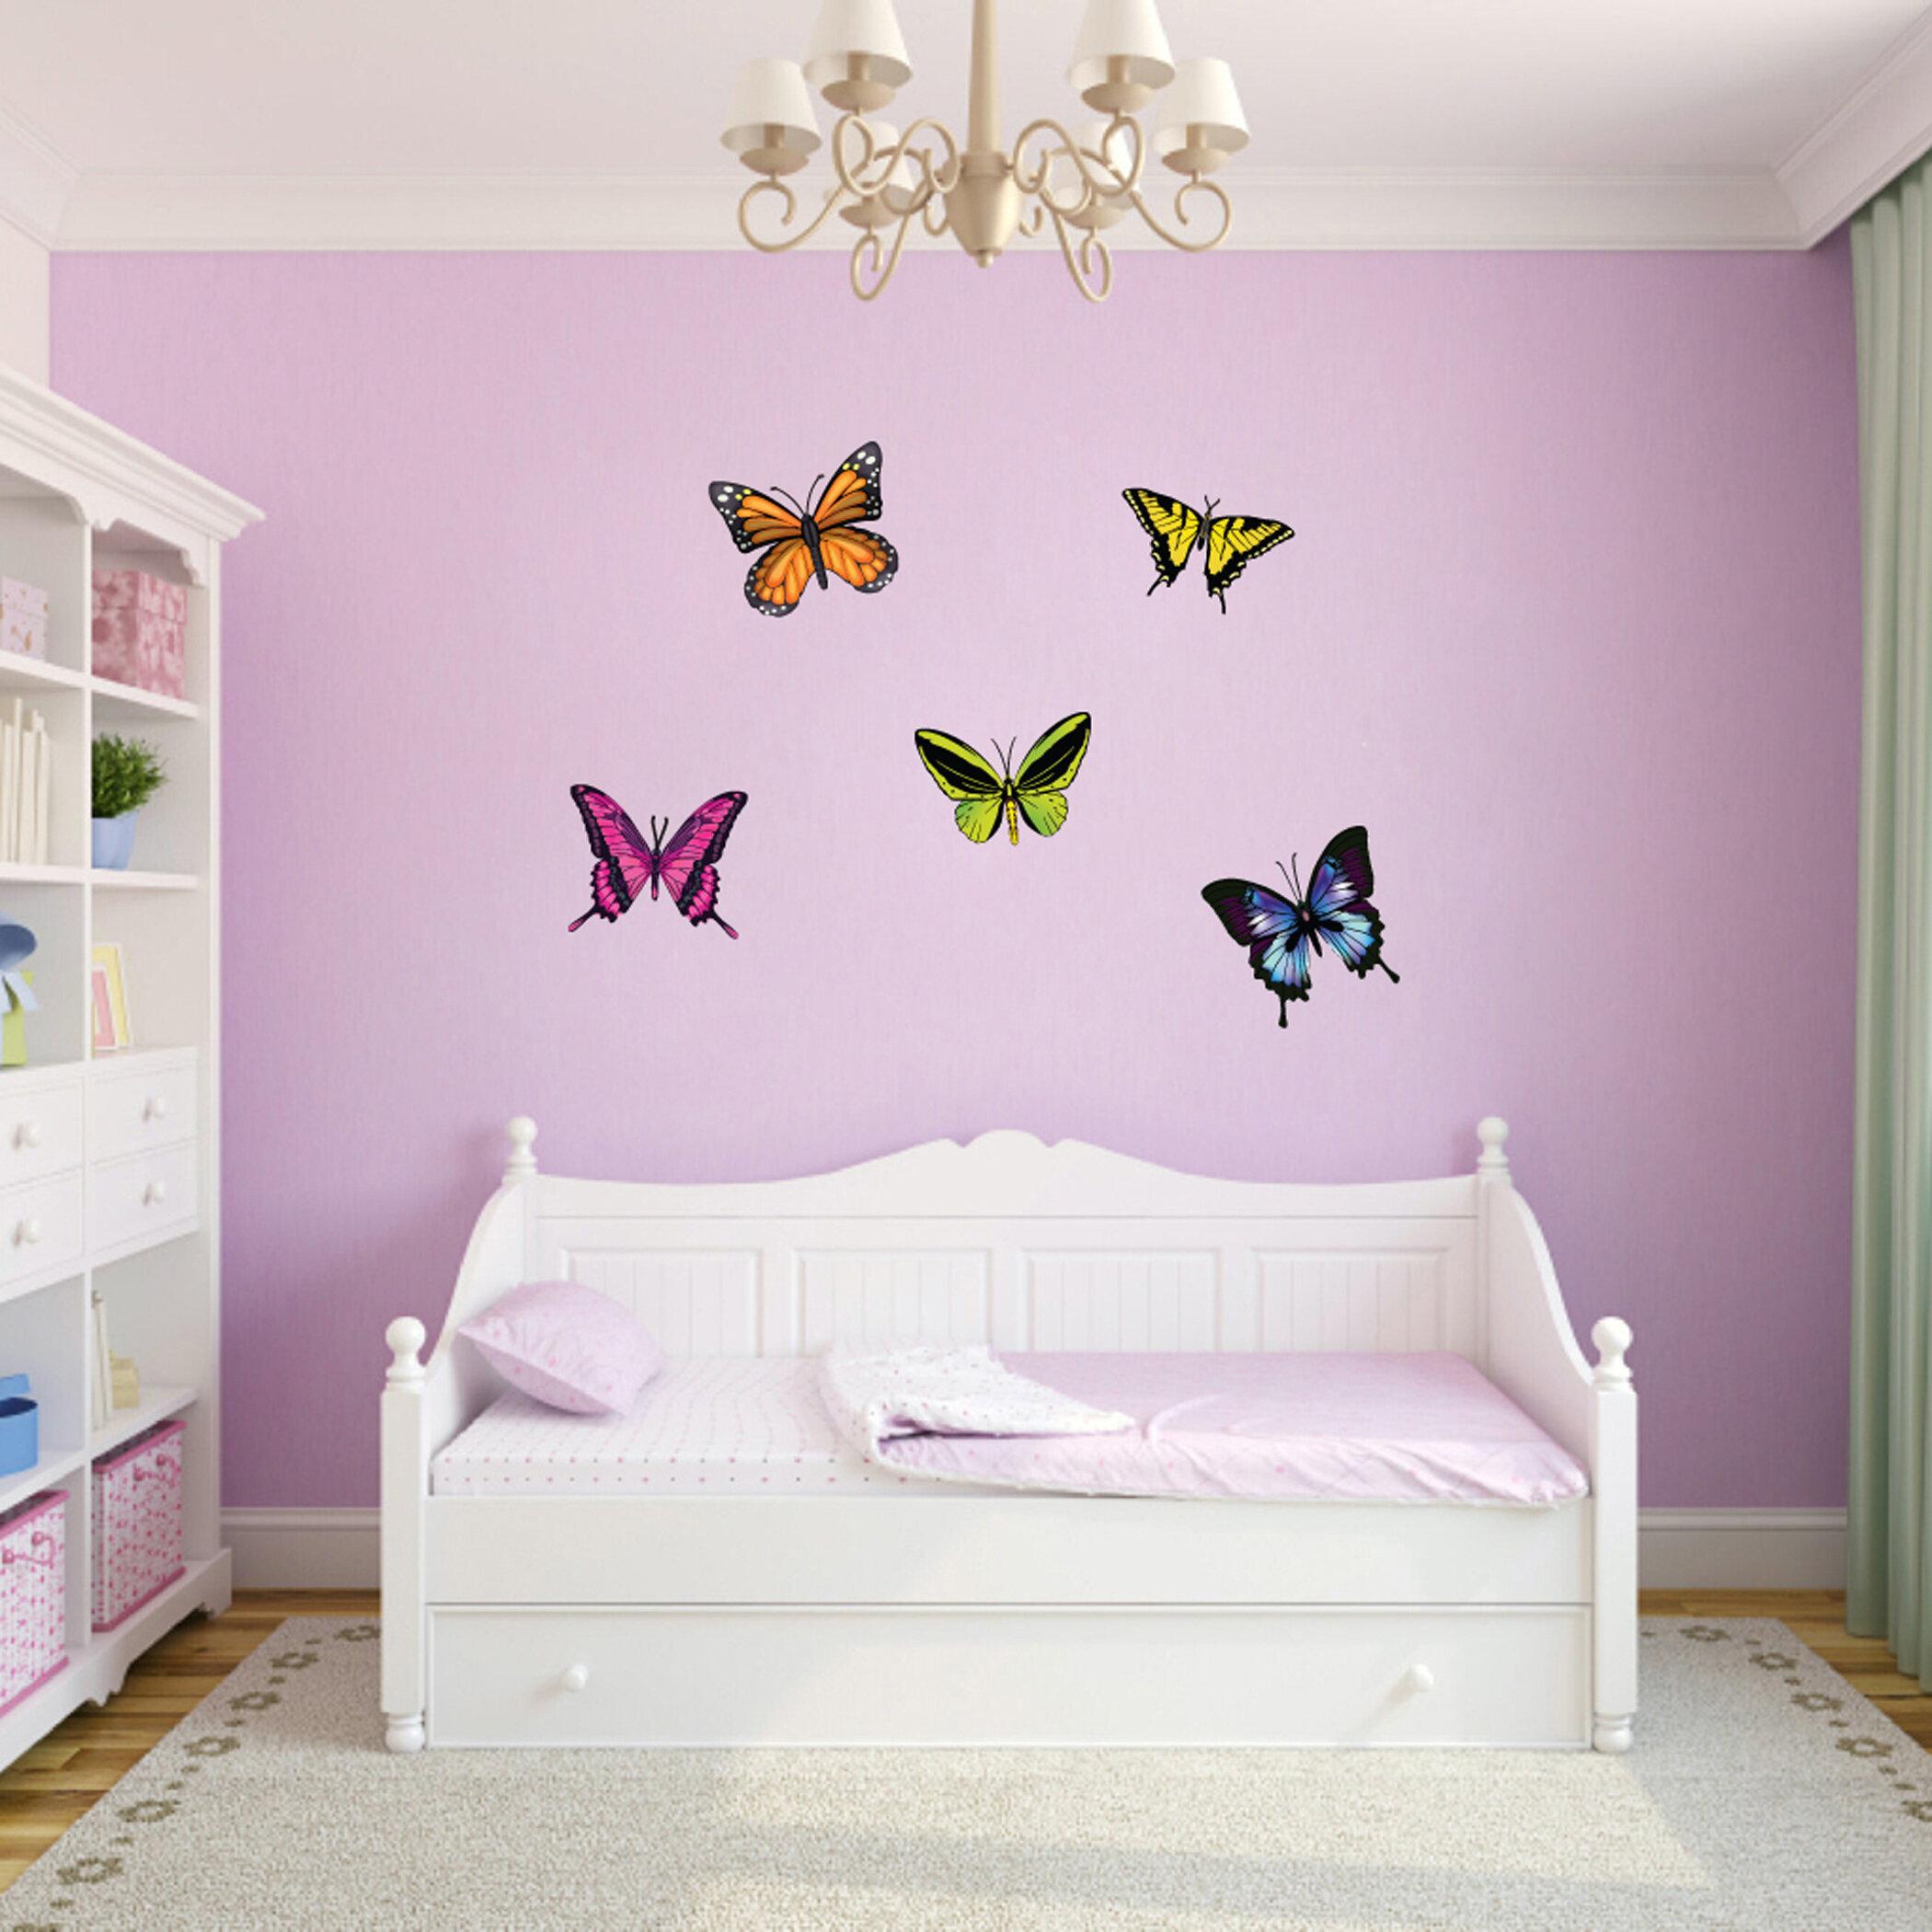 Mural Decal Girl No Joys on Earth with 3D Butterflies Vinyl Wall Art sticker